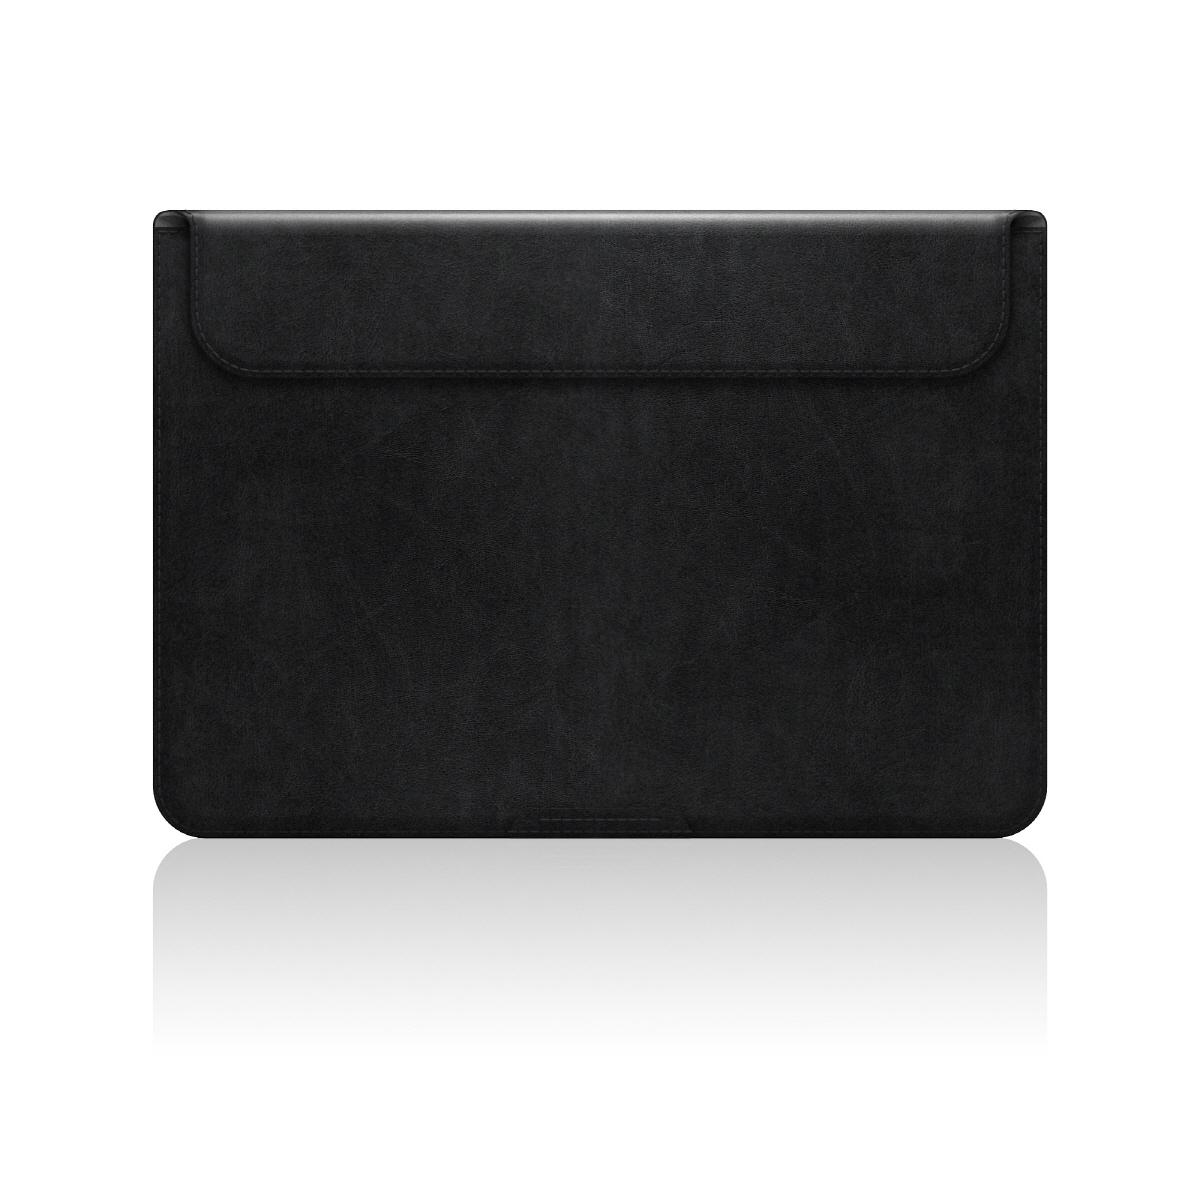 【MacBook 12インチ スタンドケース】 D5 Artificial Leather ブラック(ディーファイブ アーティフィシャルレザー)